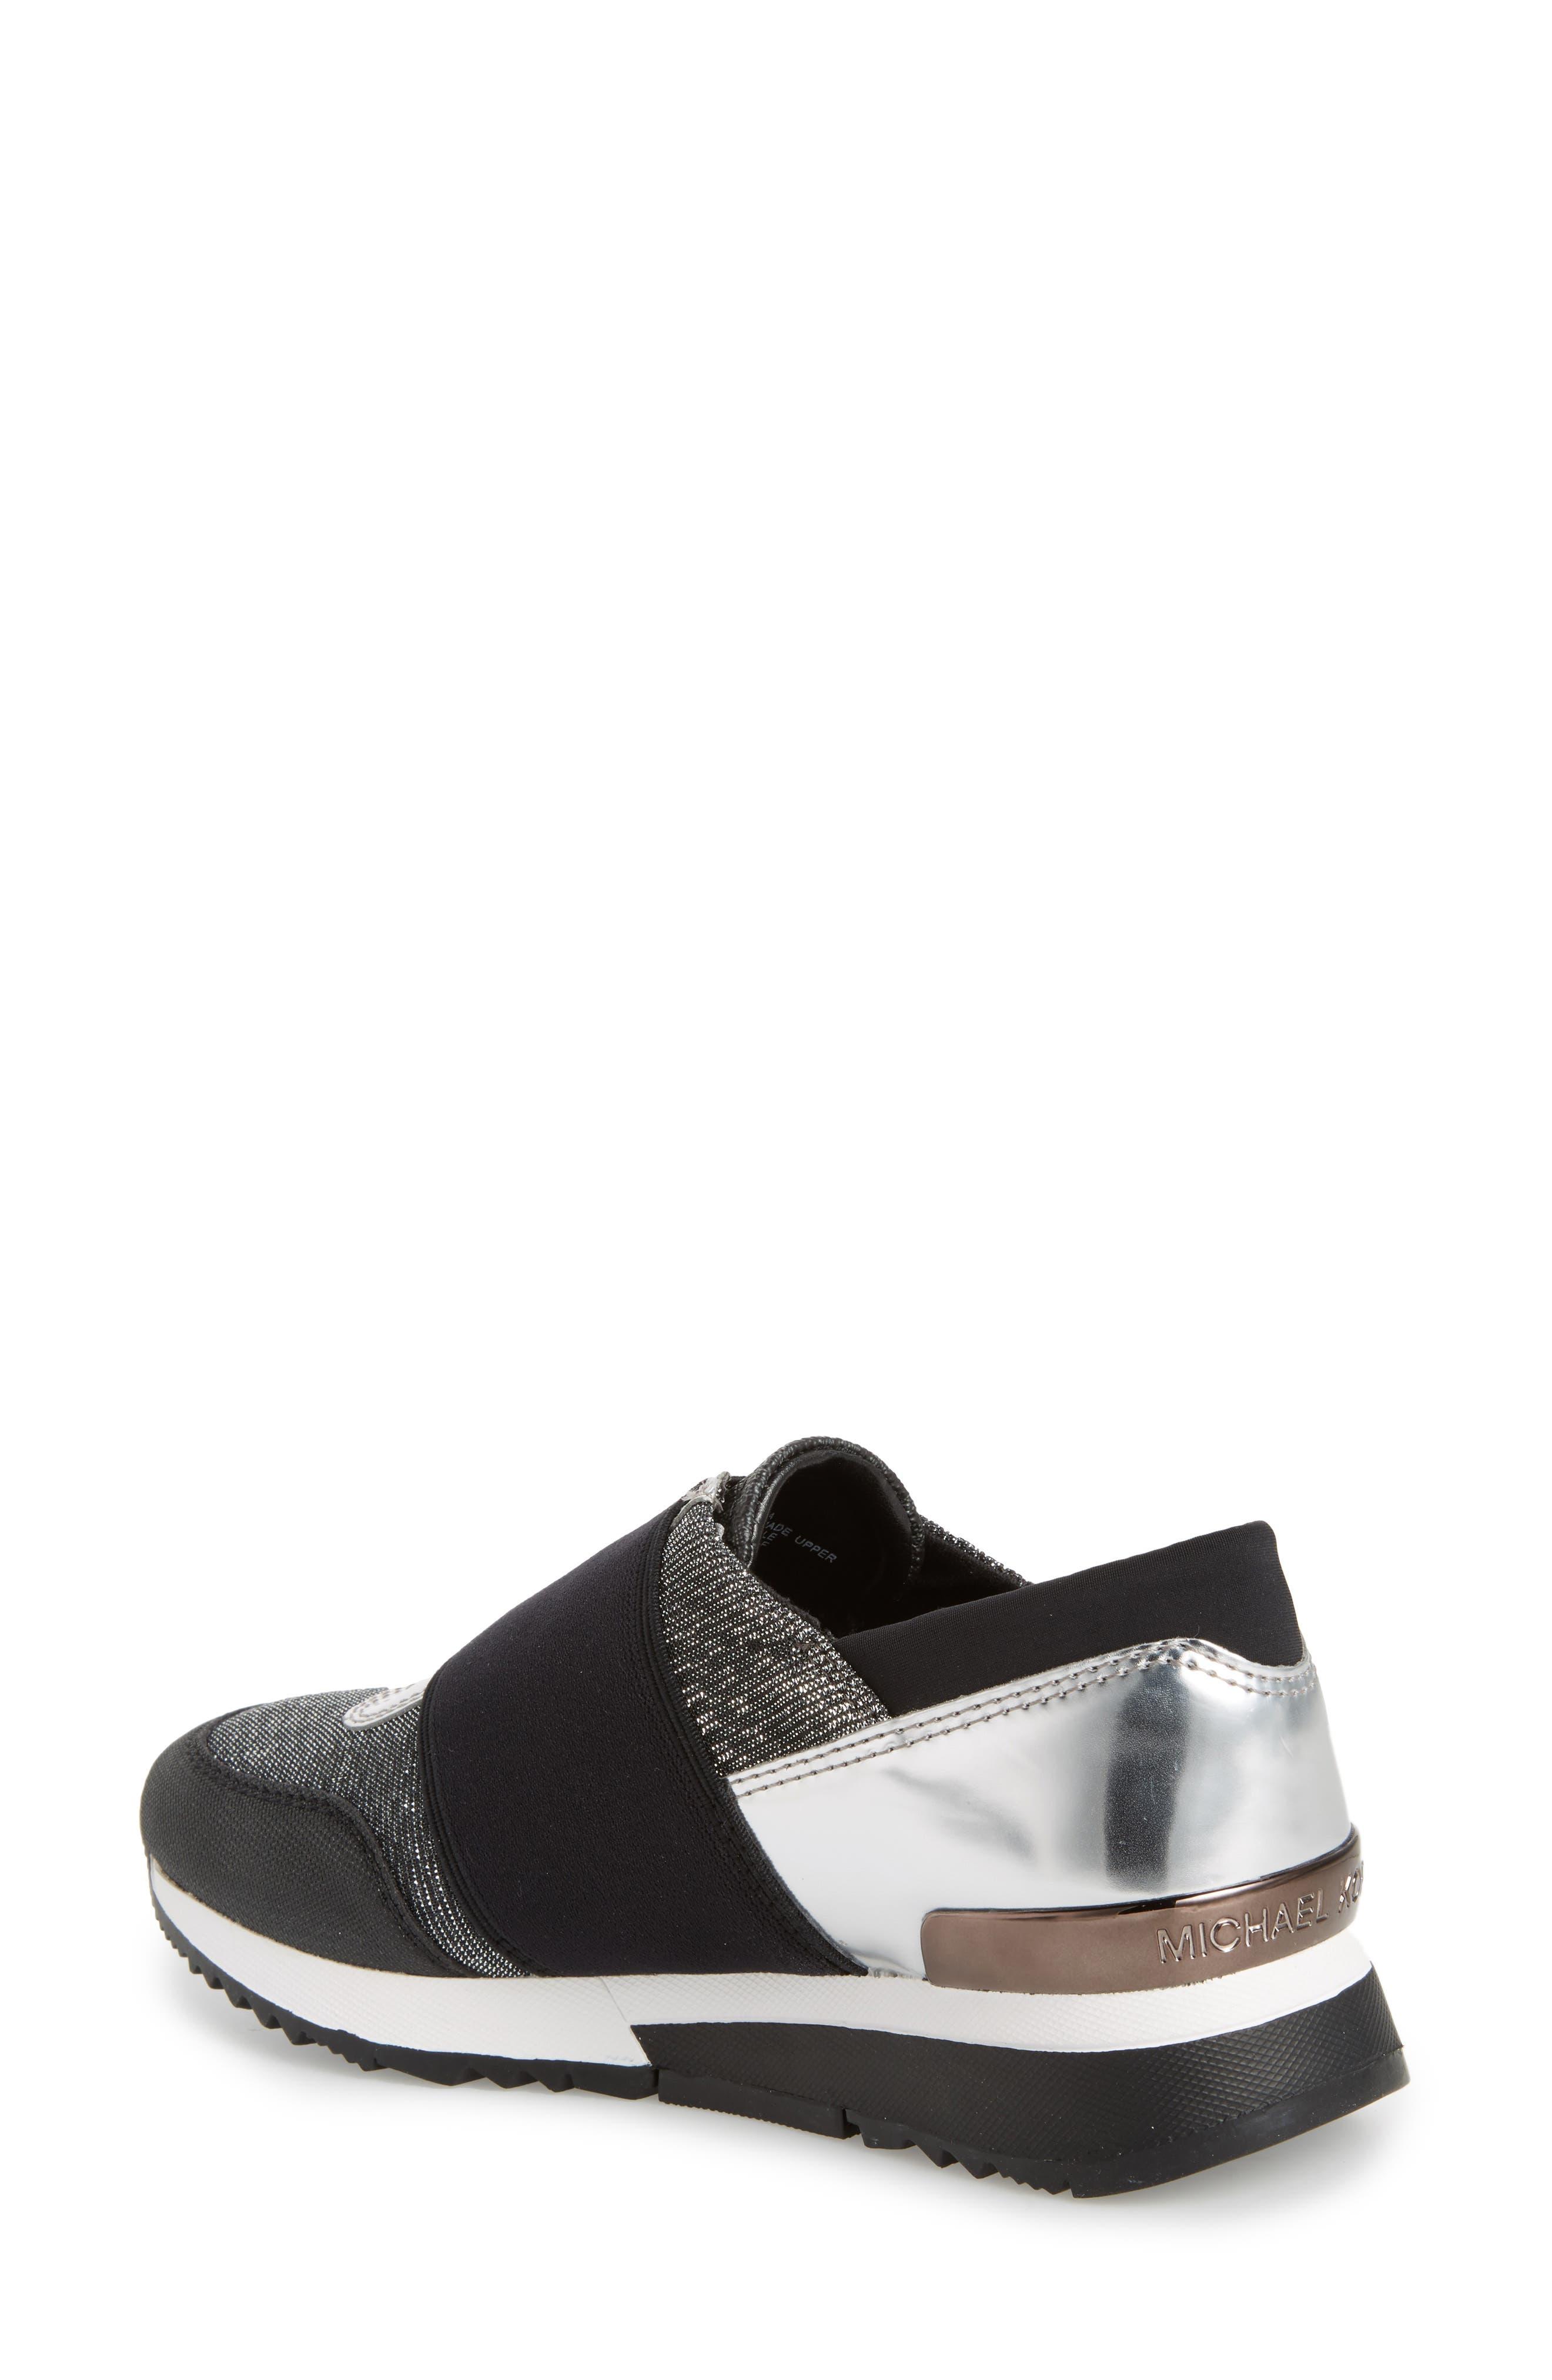 Alternate Image 2  - MICHAEL Michael Kors Slip-On Sneaker (Women)